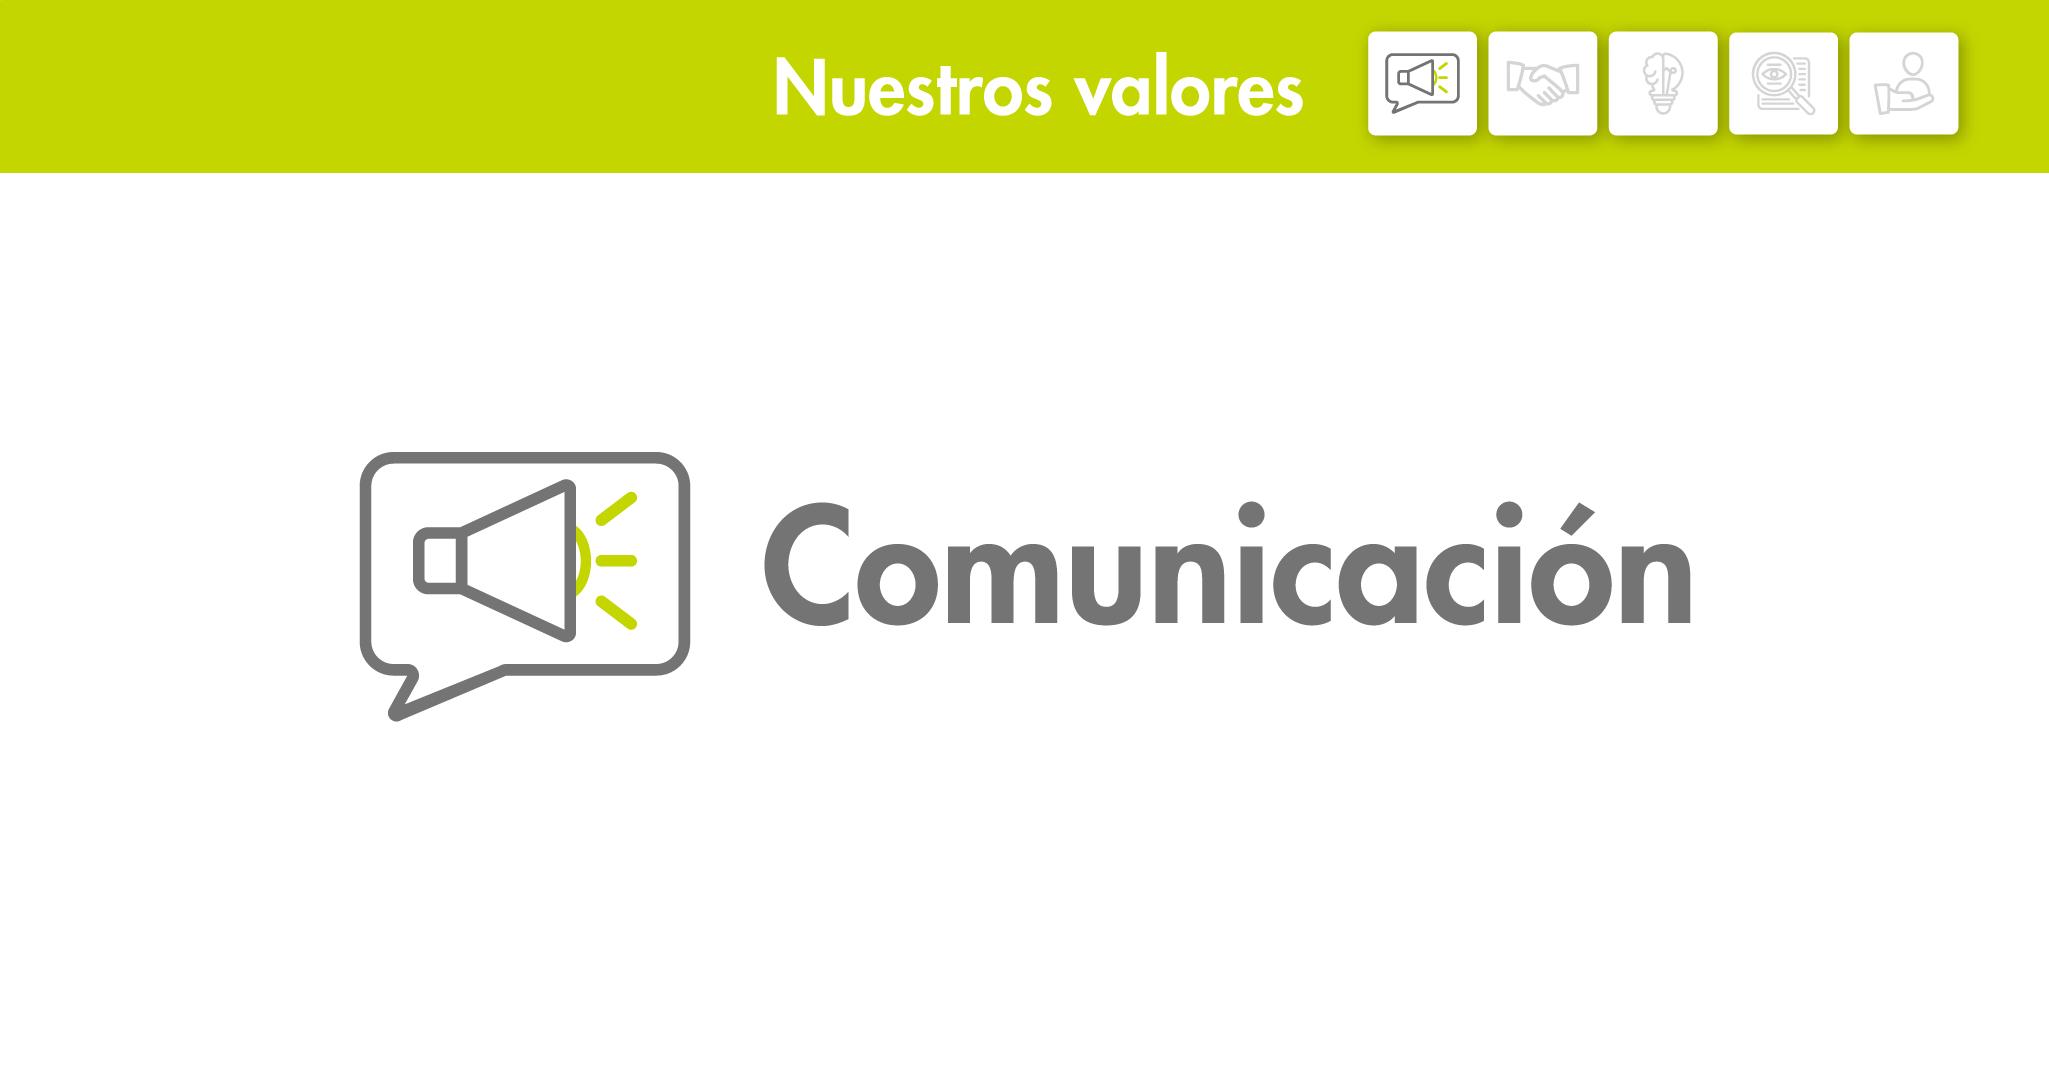 Nuestros valores: Comunicación